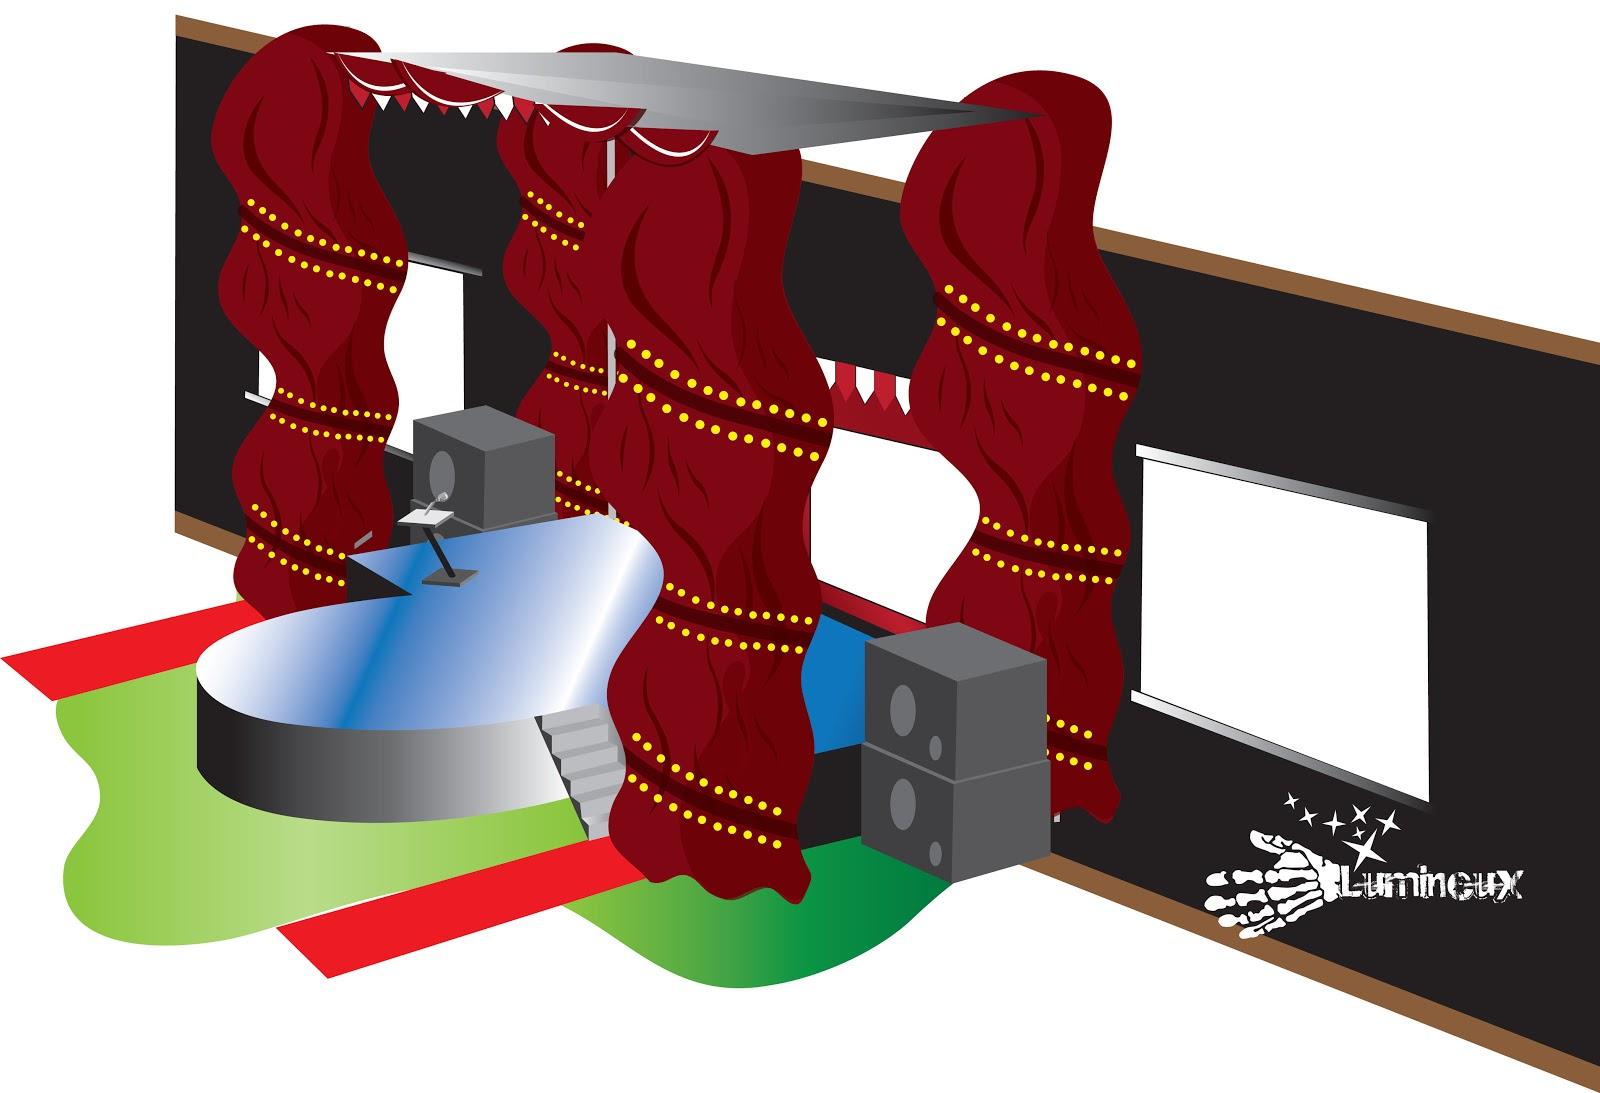 Contoh desain panggung stage design